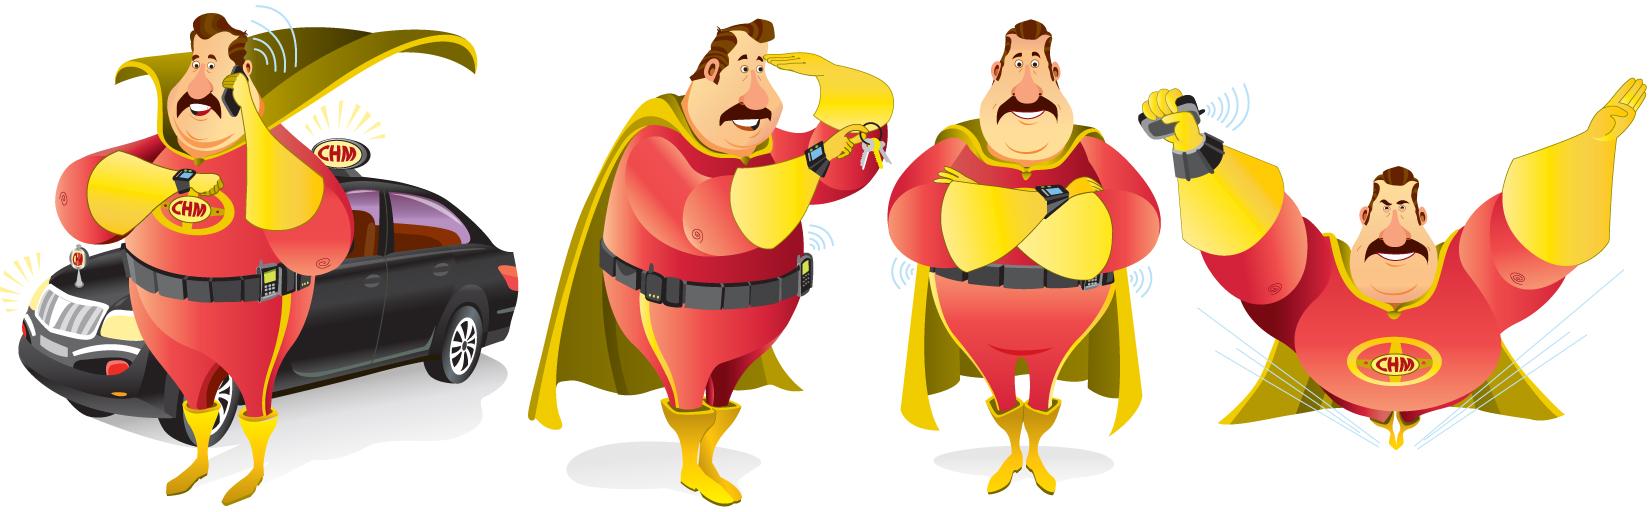 Character Design Agency : Character design daniel teran